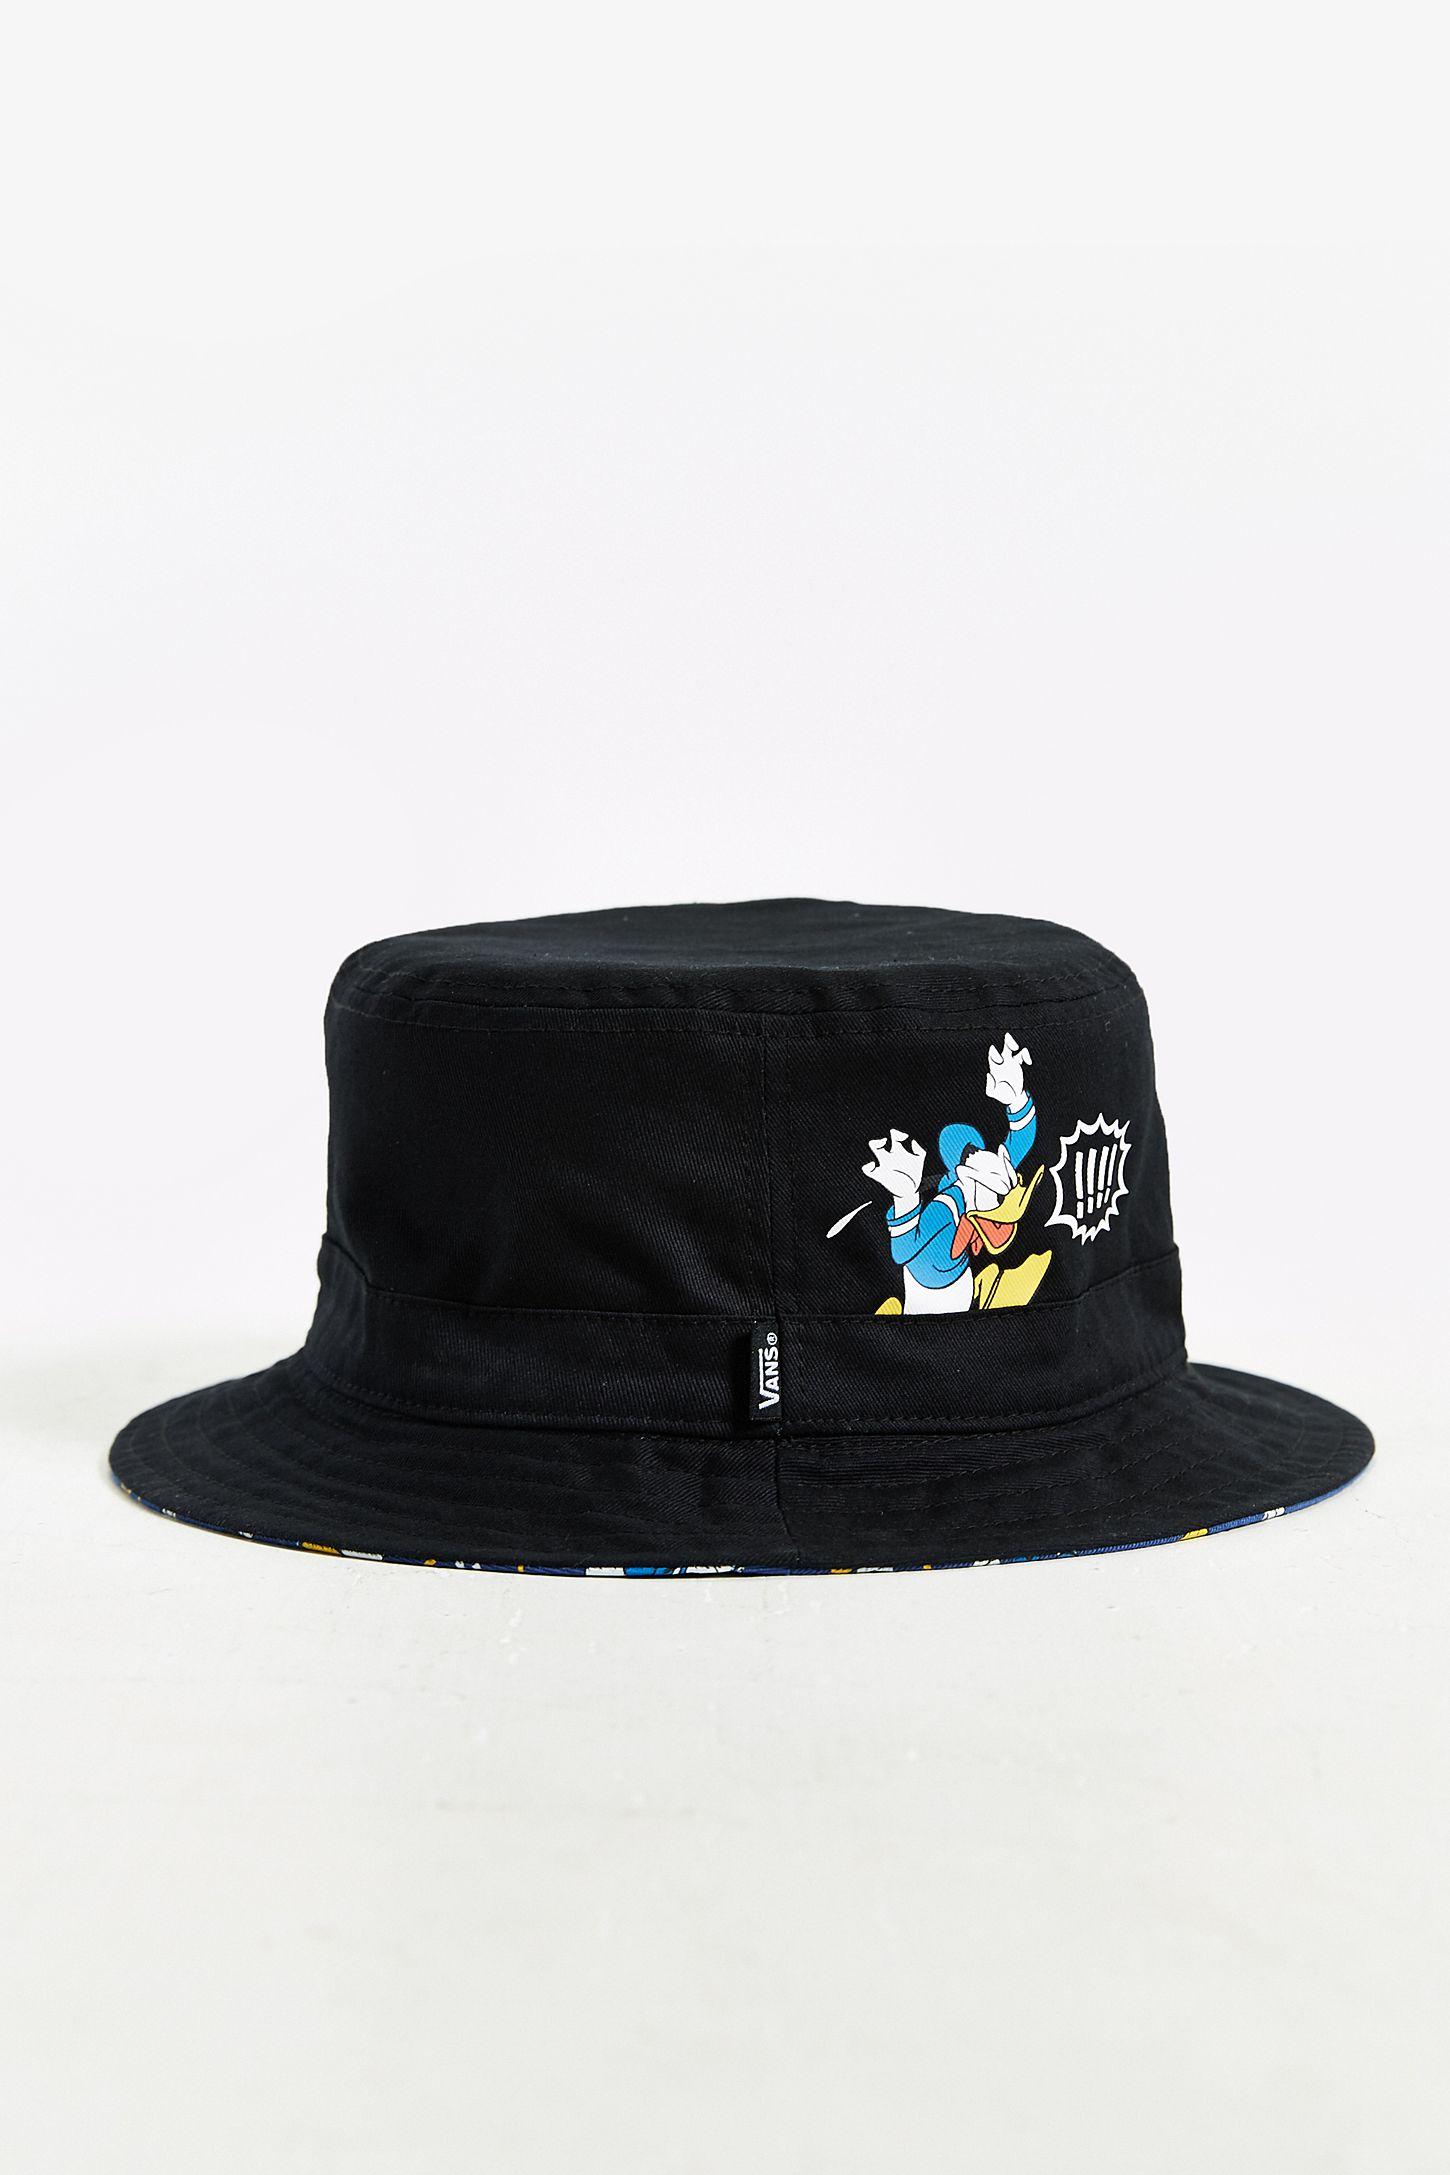 9dc151cf608 Vans Donald Duck Bucket Hat